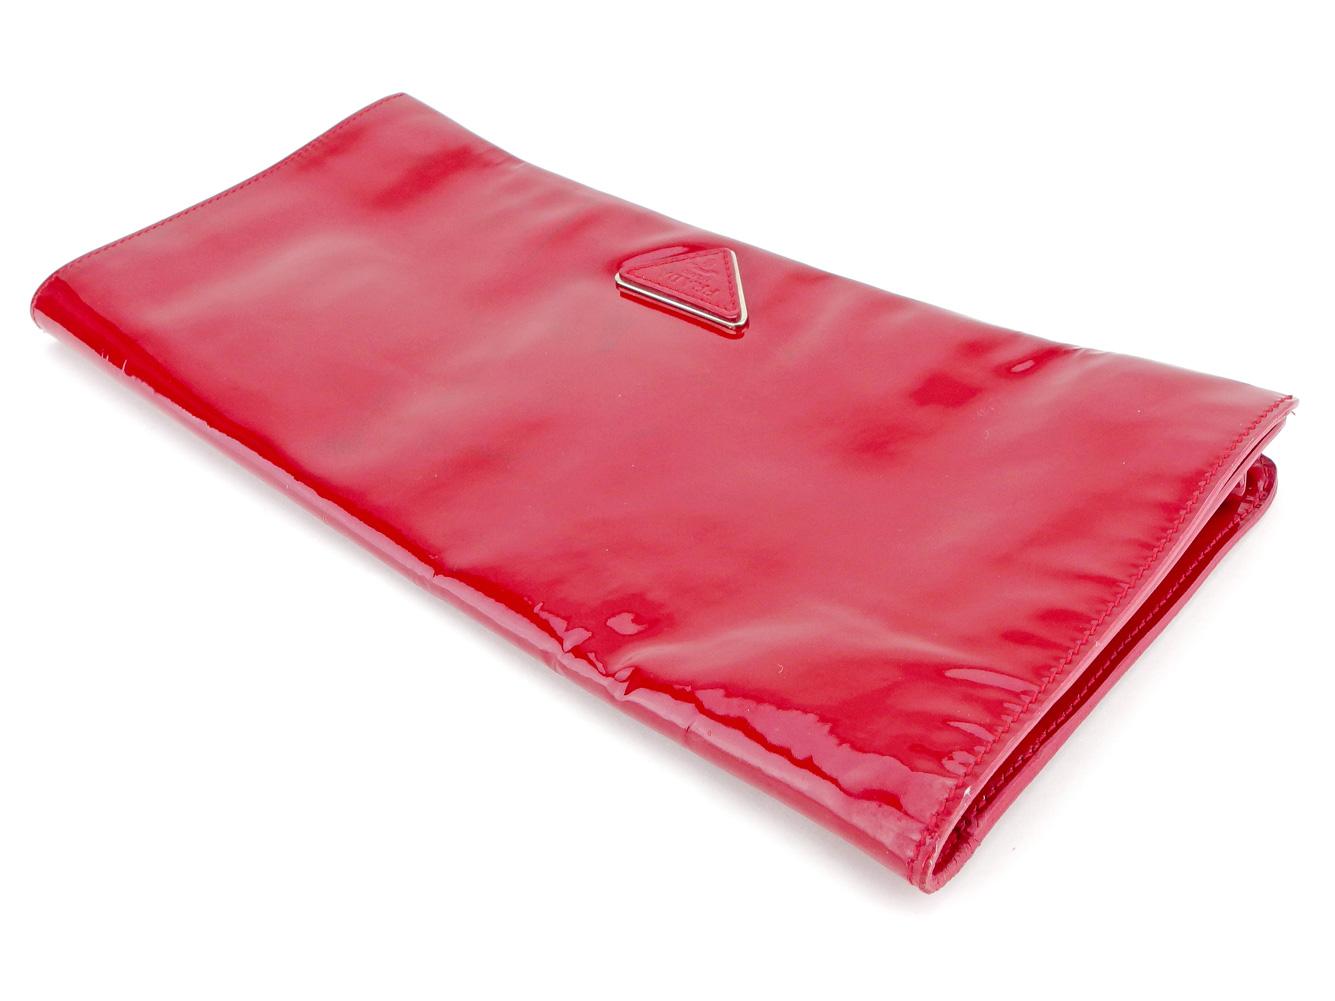 b93a0476bdf5 Prada PRADA clutch bag second bag Lady's red enamel leather popularity sale  T5332.